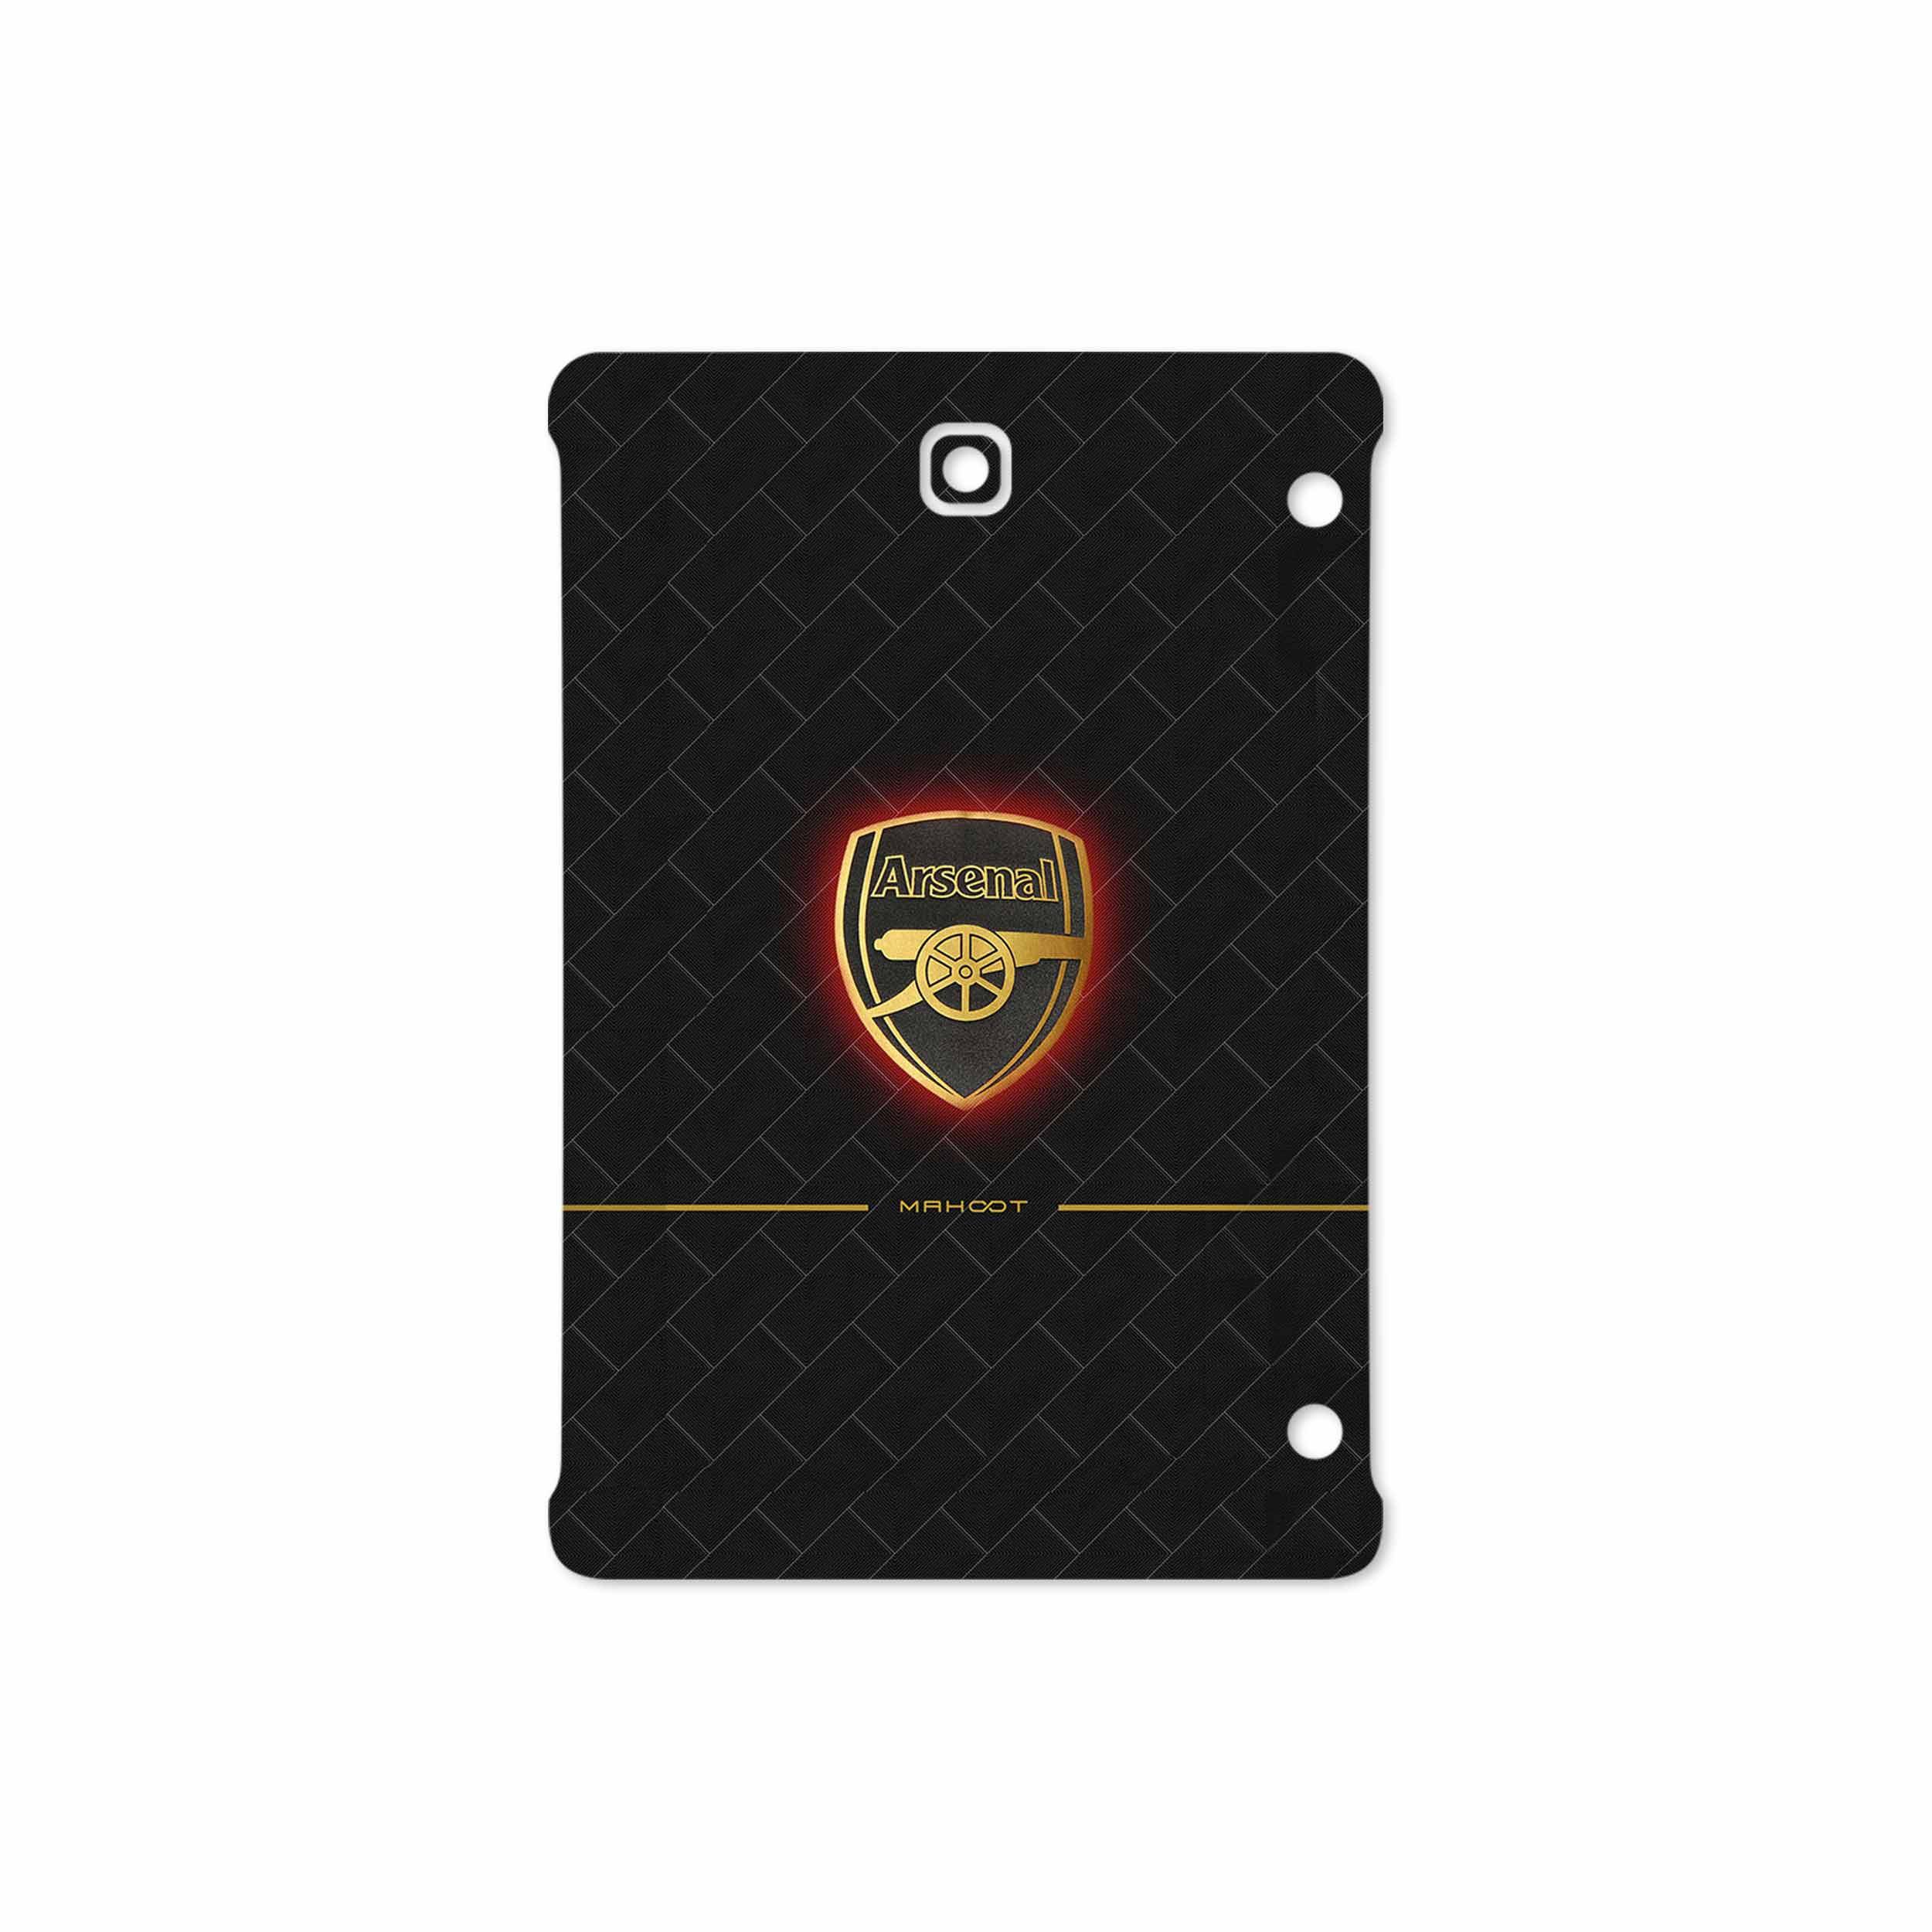 بررسی و خرید [با تخفیف]                                     برچسب پوششی ماهوت مدل Arsenal مناسب برای تبلت سامسونگ Galaxy Tab S2 8.0 2016 T719N                             اورجینال